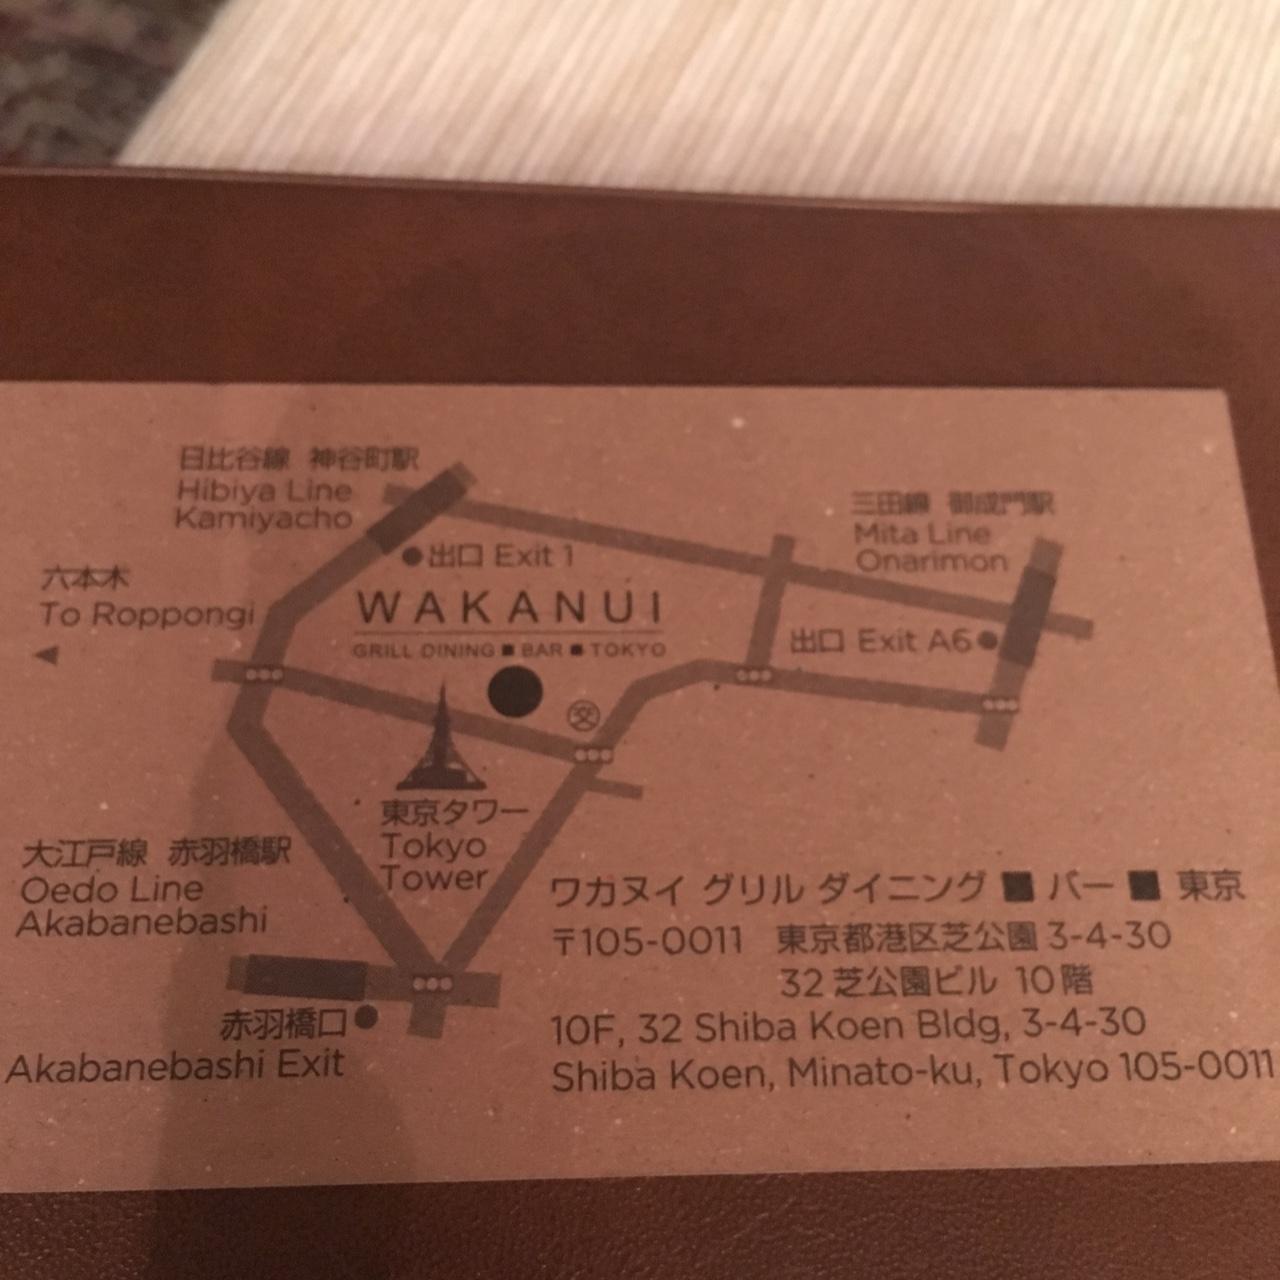 WAKANUI>